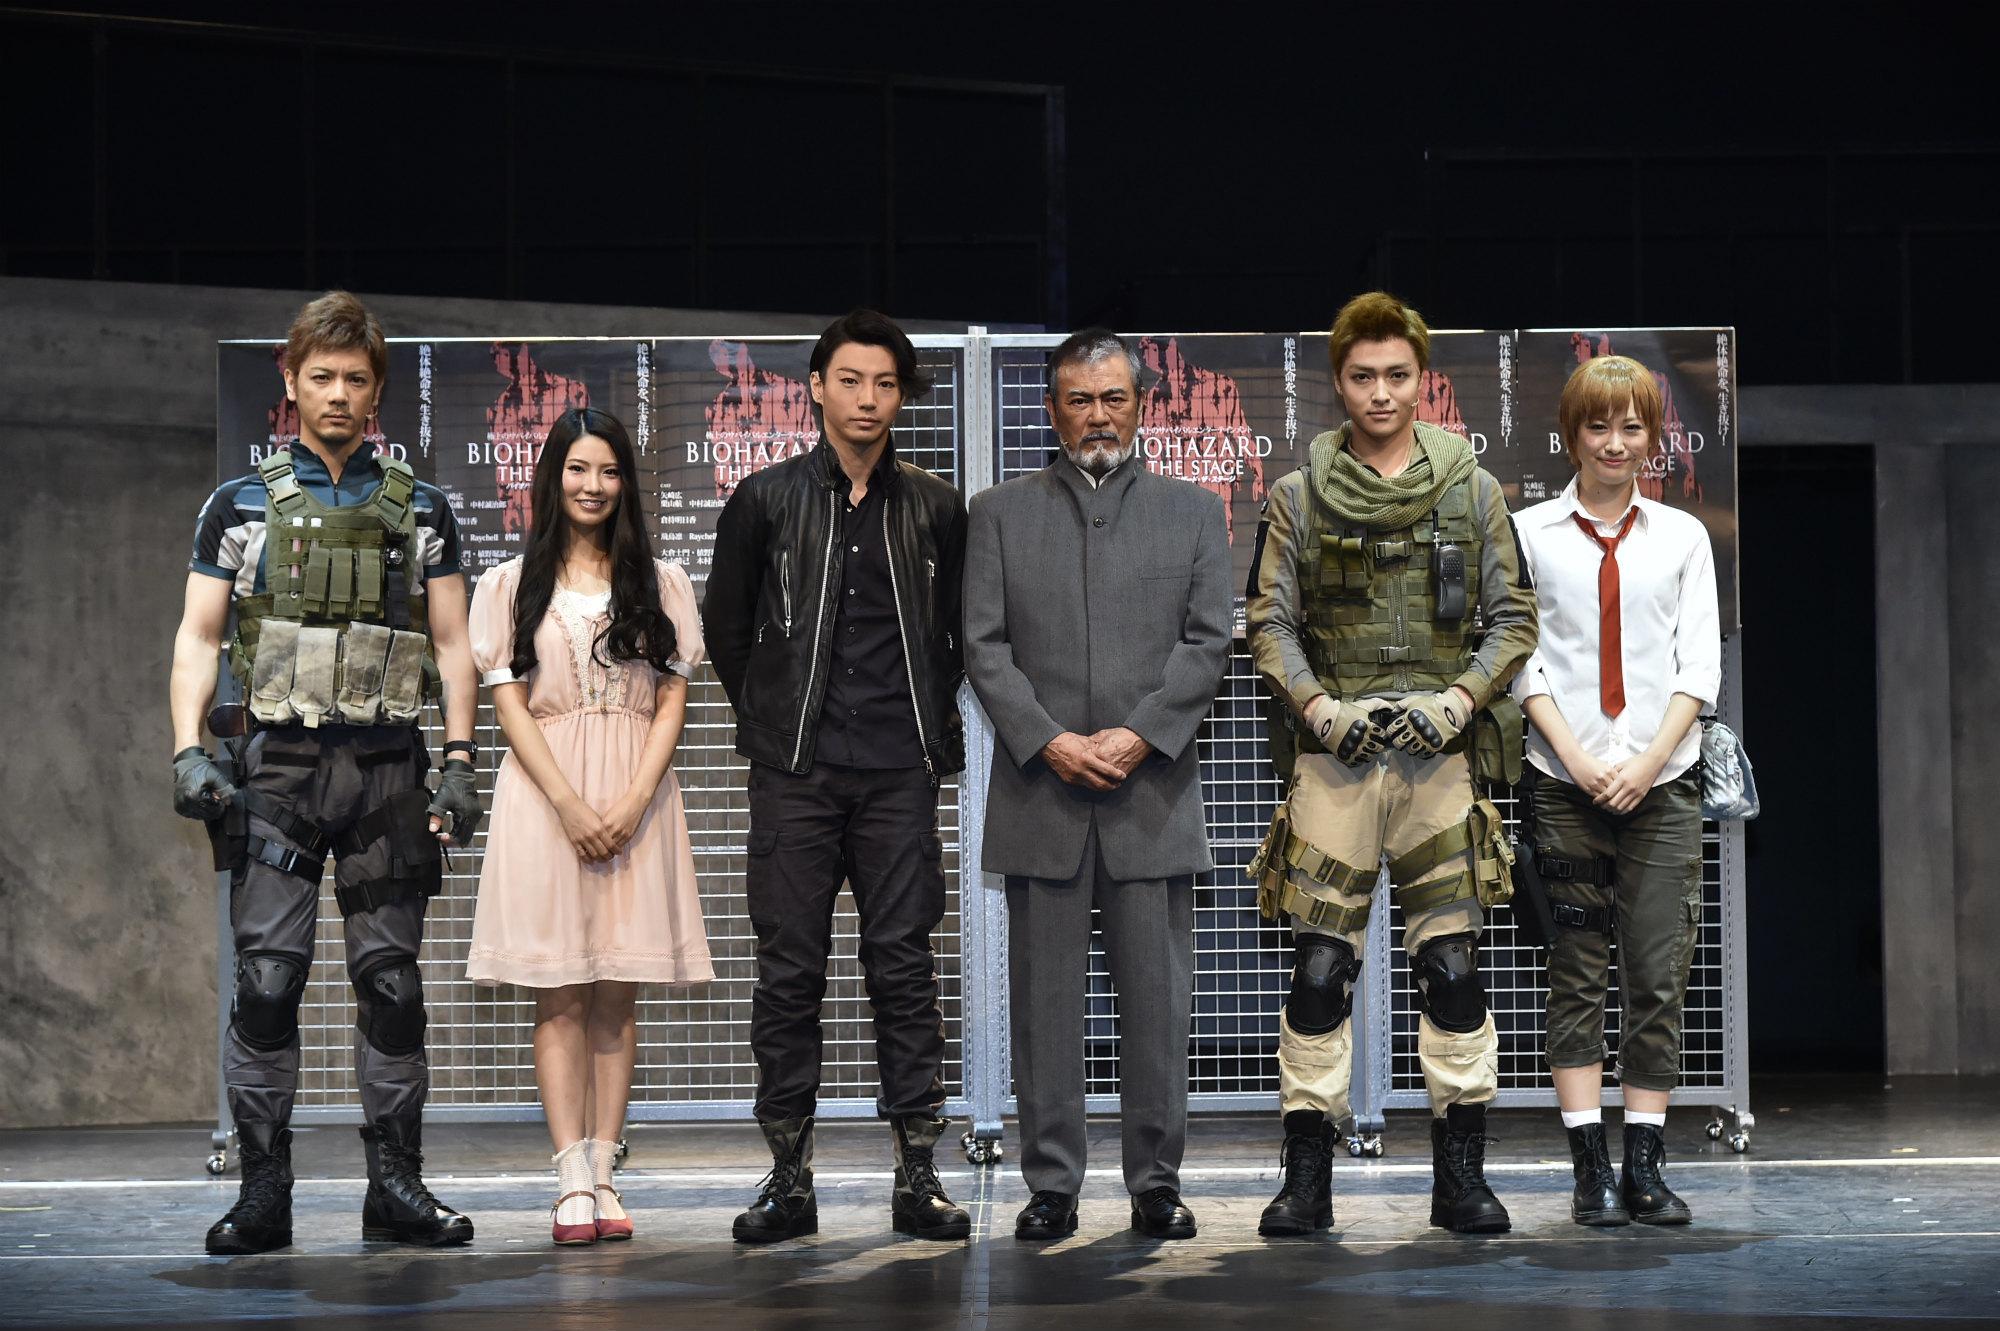 左から中村誠治郎さん、倉持明日香さん、矢崎広さん、千葉真一さん、栗山航さん、飛鳥凛さん。